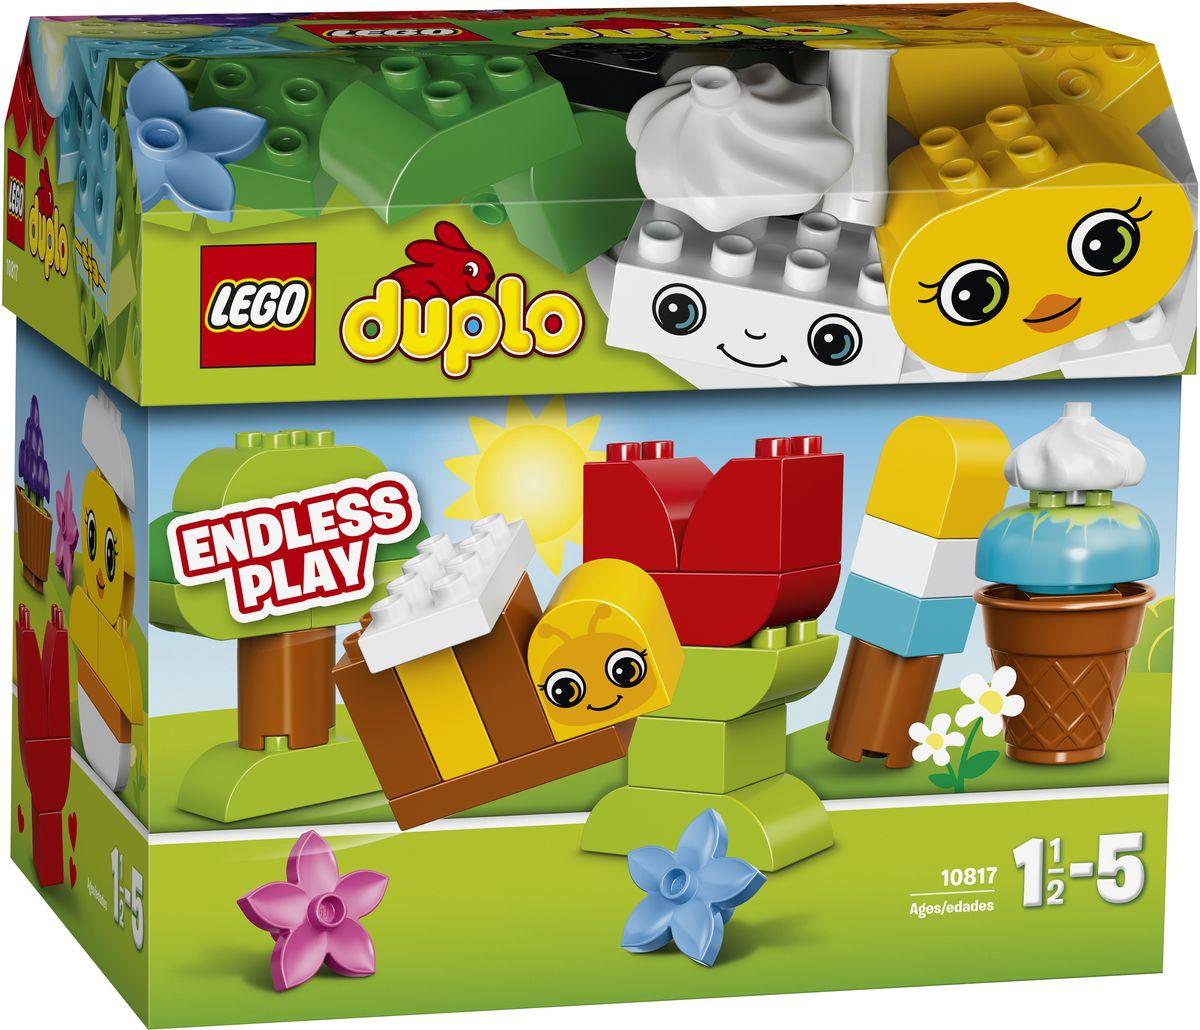 LEGO DUPLO Конструктор Времена года 1081710817Конструктор LEGO DUPLO Времена года  приведет в восторг любого ребенка, ведь все дети обожают знаменитые конструкторы LEGO. Конструктор содержит 70 пластиковых элементов. С помощью этого набора LEGO DUPLO маленькие строители могут заниматься творчеством в течение всего года; весной собрать цыплёнка, большое мороженое летом, красочное дерево осенью или снеговика зимой. В набор включены строительные карты и декорированные кубики, чтобы вдохновить ребёнка на создание простых моделей и развивать его воображение. Кубики LEGO DUPLO интересны и безопасны для маленьких ручек. С яркими цветными кубиками LEGO DUPLO, разработанными специально для начинающих строителей, так легко собрать свою историю. Все элементы набора выполнены из безопасного пластика и имеют увеличенные размеры, специально для маленьких детских пальчиков. Игры с конструкторами помогут ребенку развить воображение, внимательность, пространственное мышление и творческие способности. Такой...